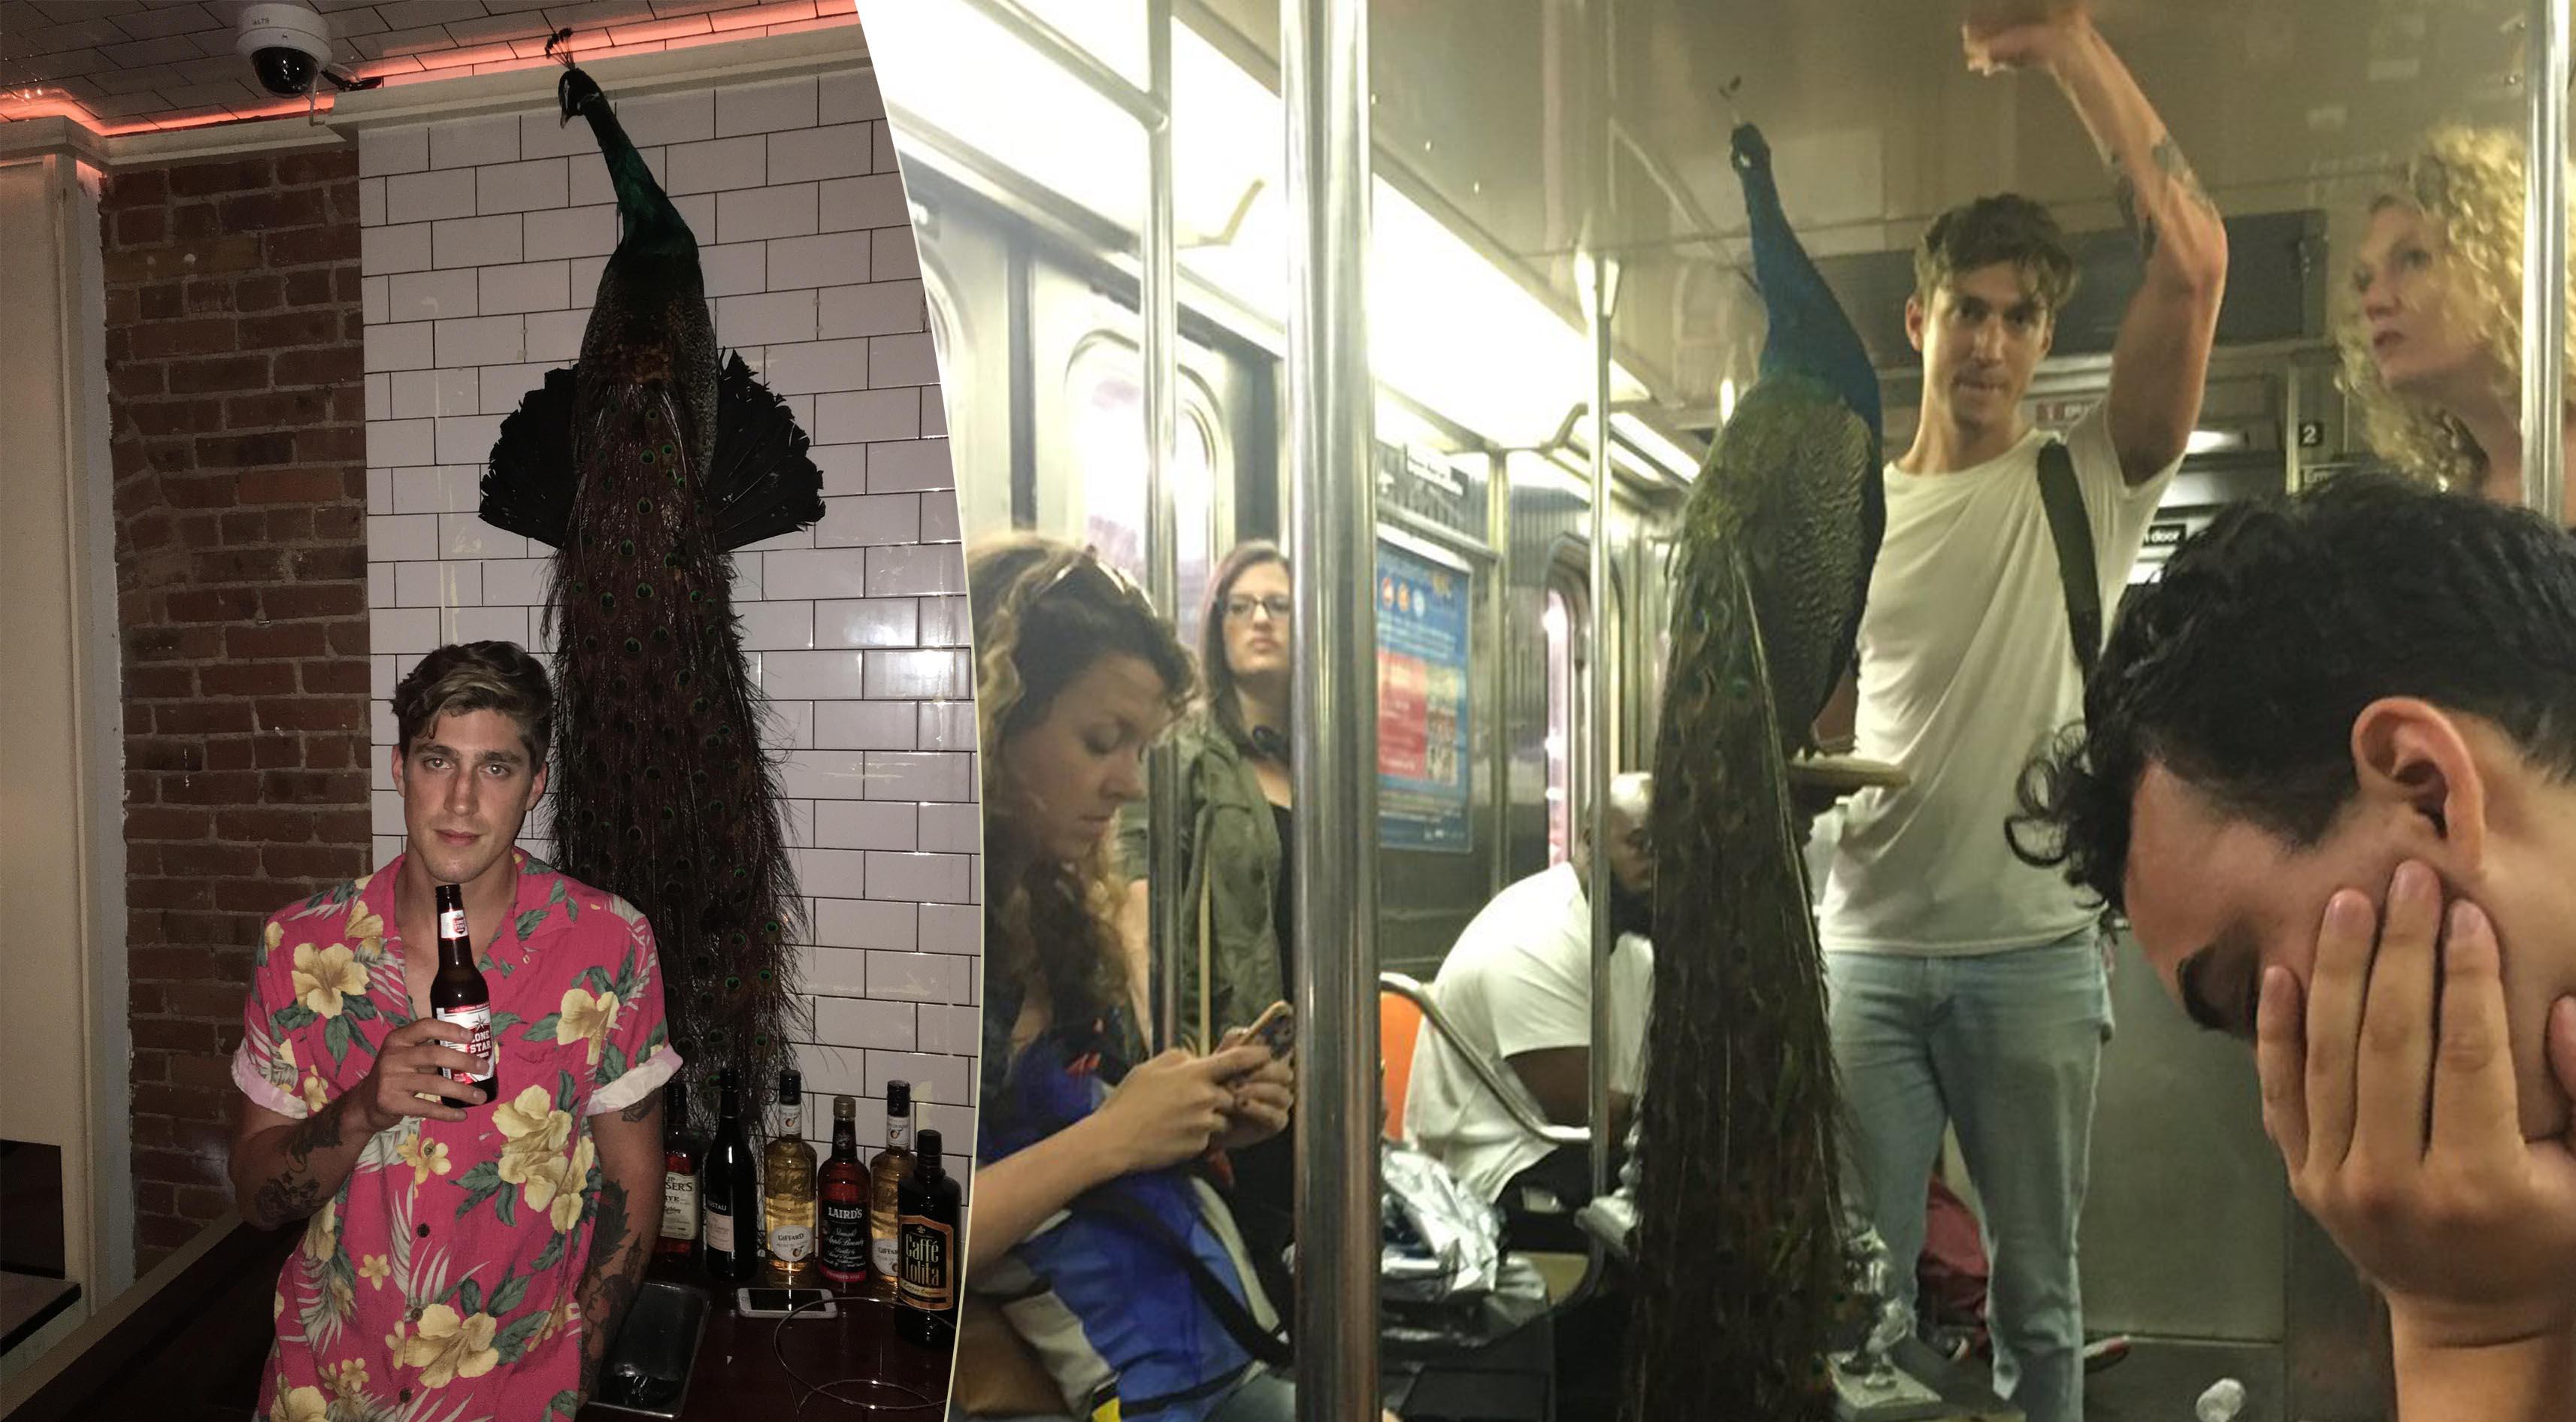 Un ragazzo va in giro con un pavone in metropolitana a New York